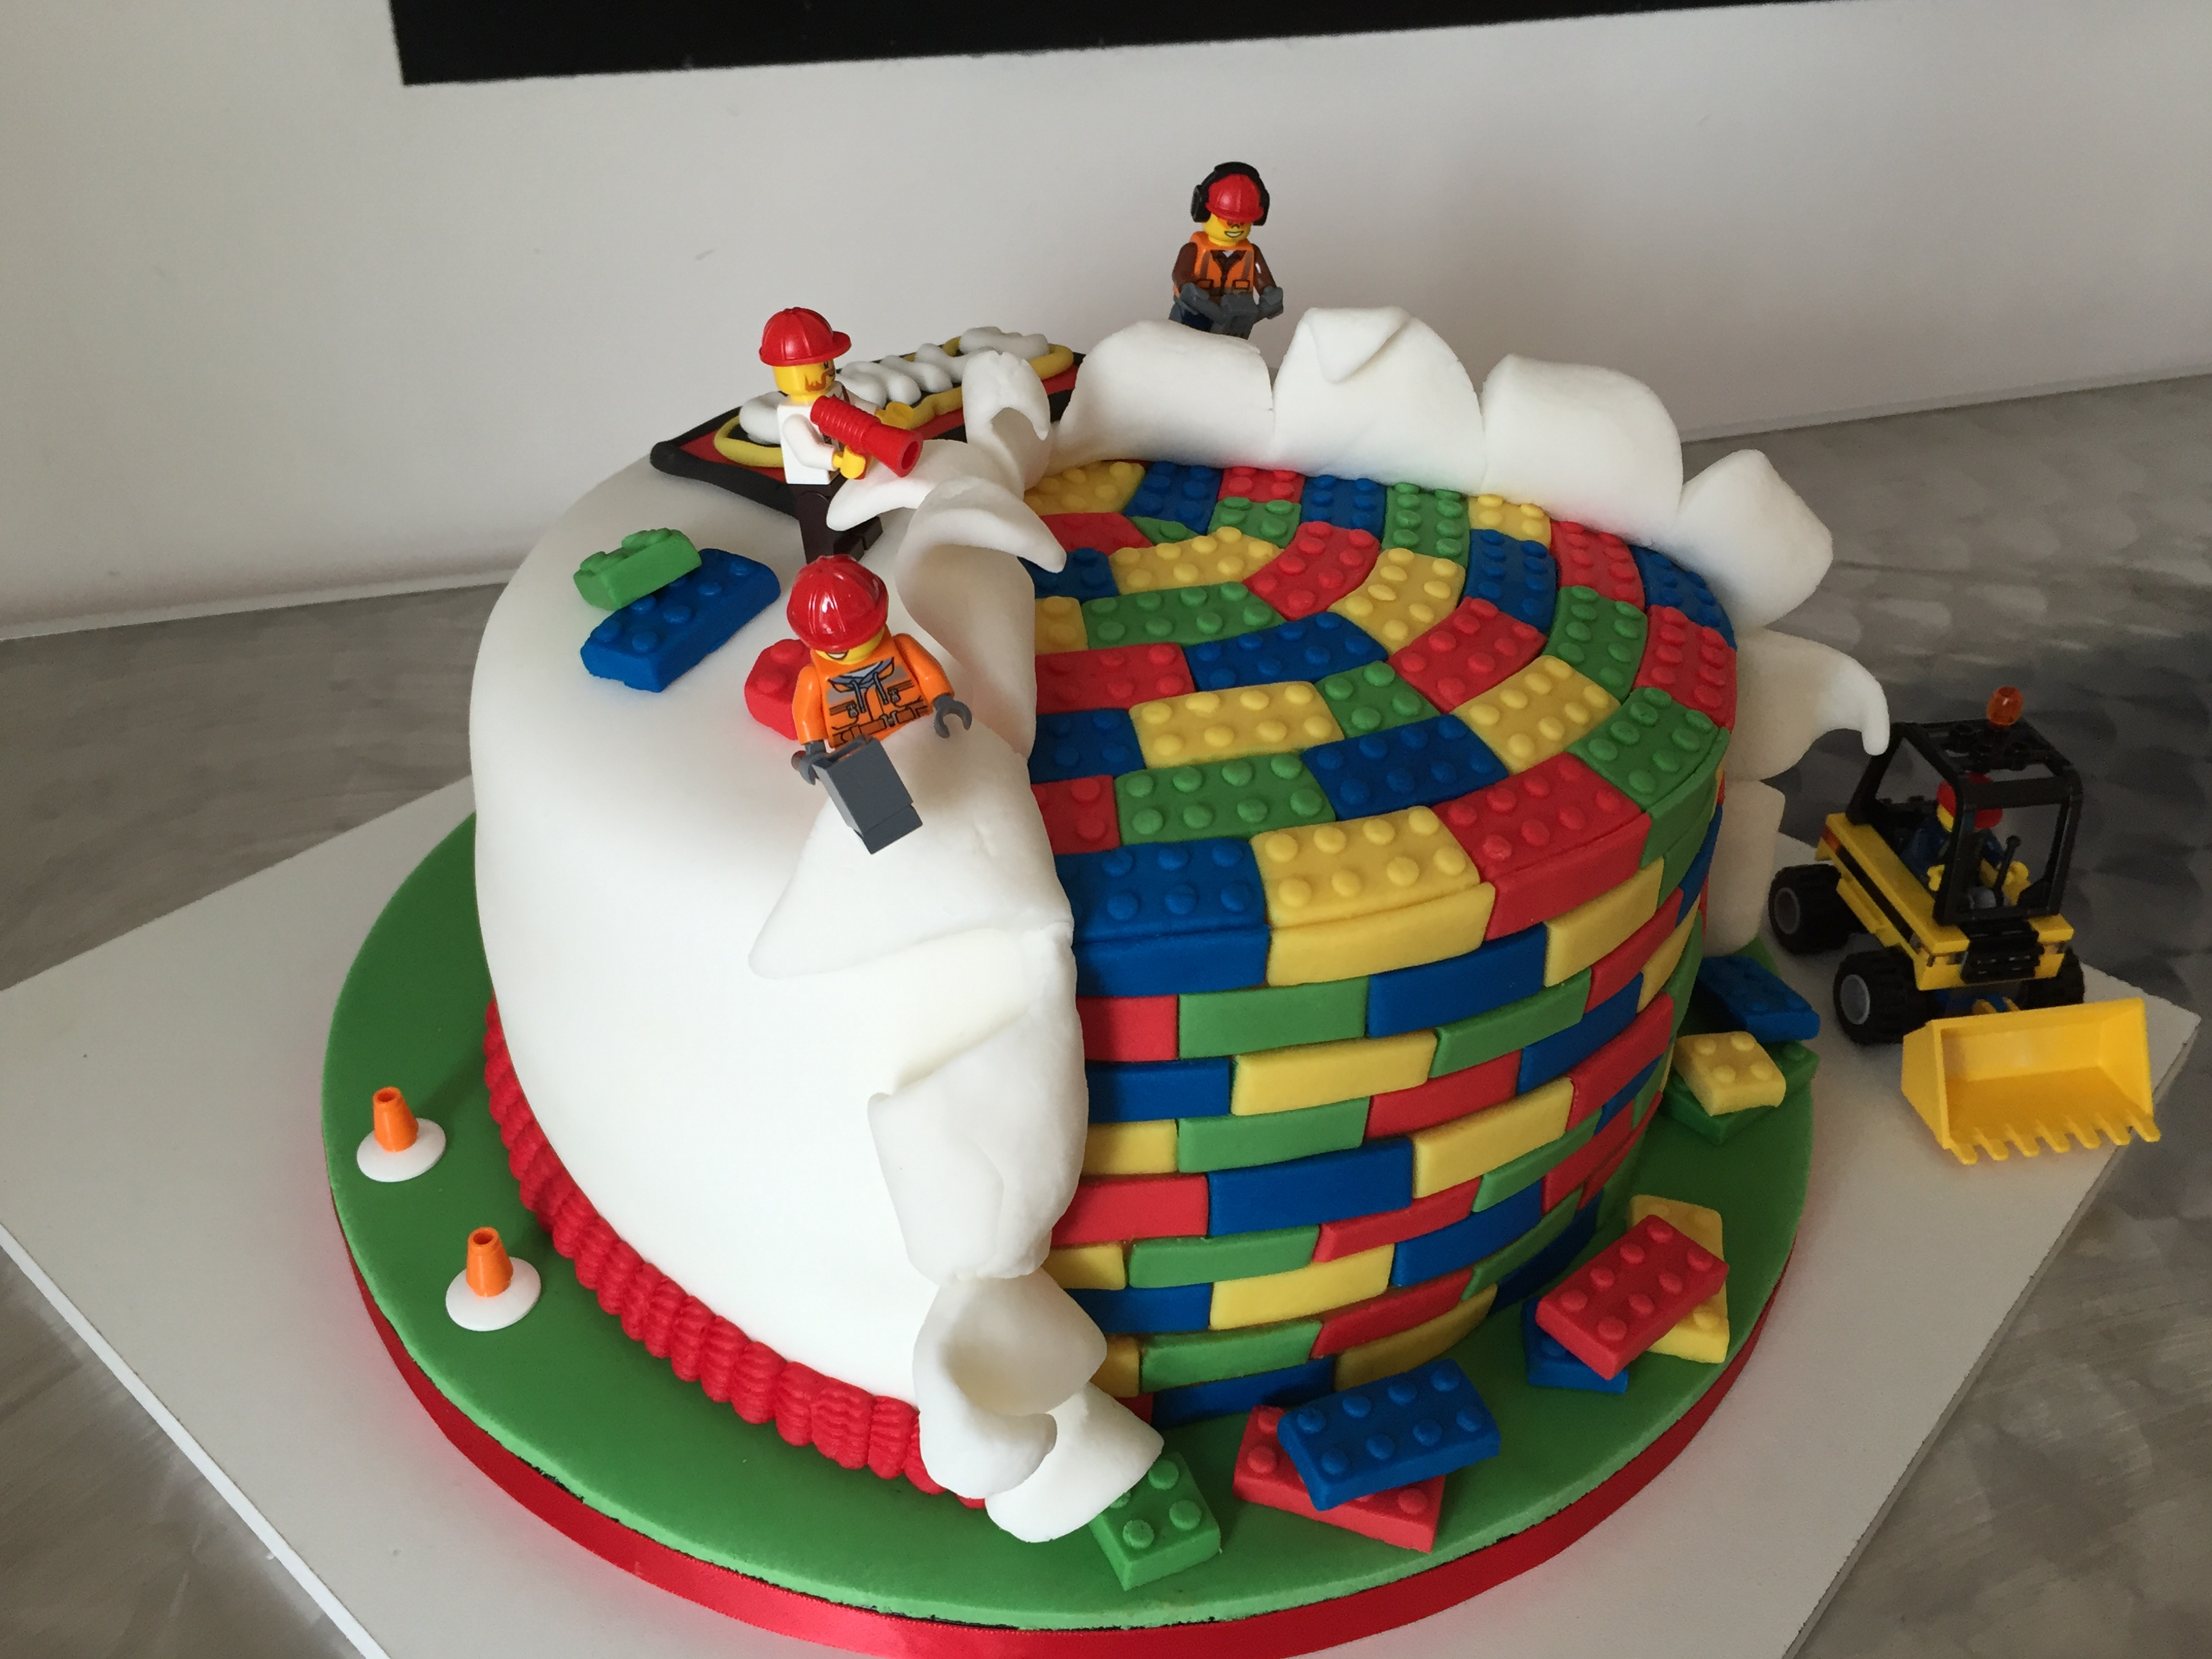 Mon lego cake - jeu préféré de l'été de mon fils